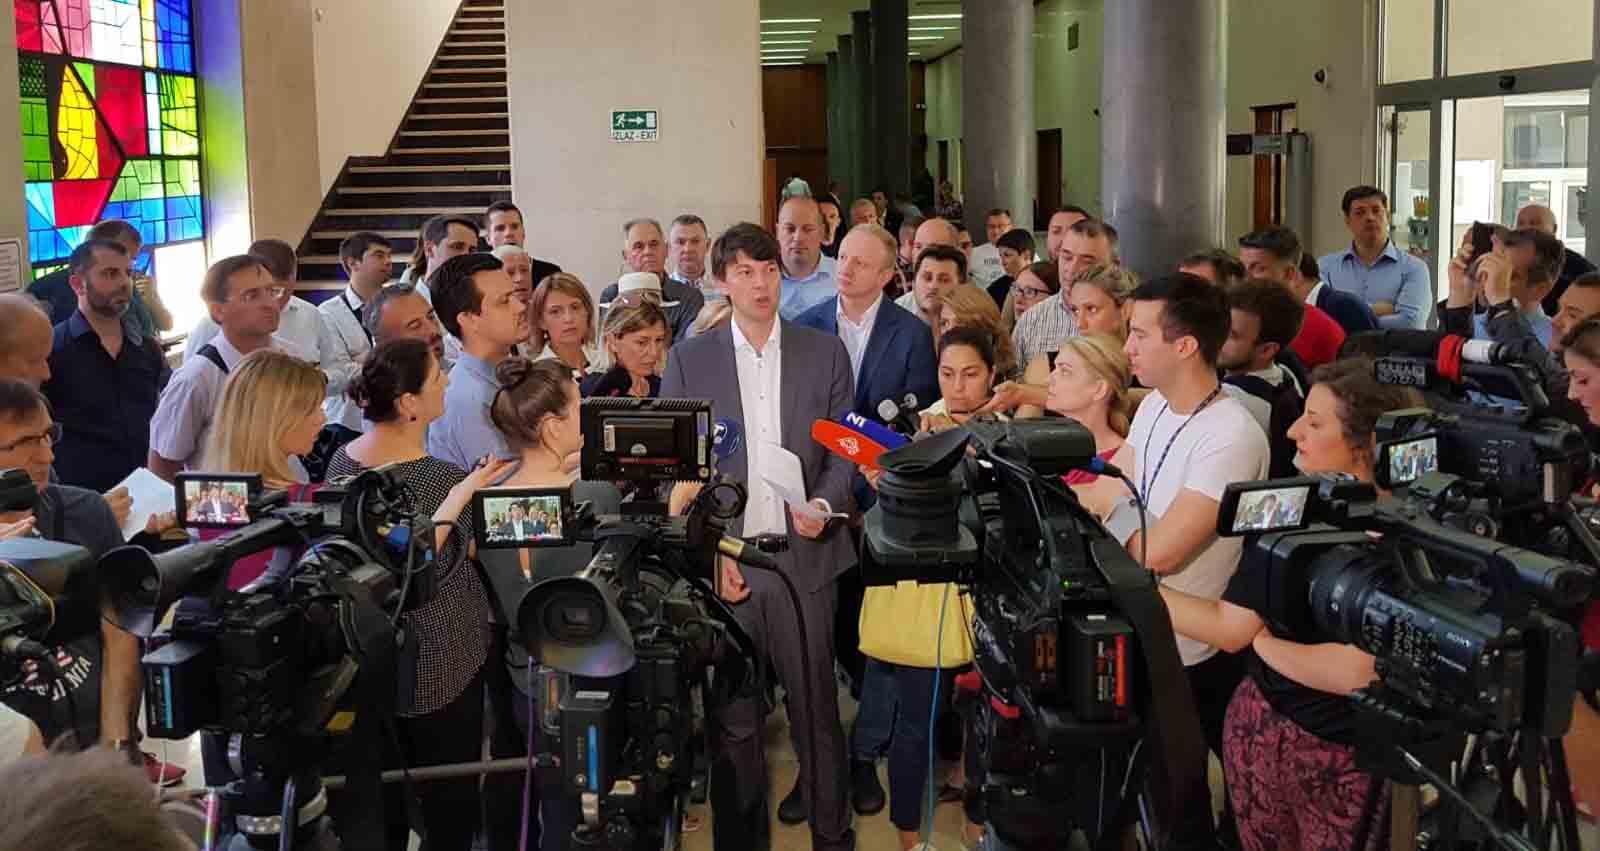 Јовановић: Завршни рачун не показује како је утрошено 313 милиона динара за кишну канализацију у Београду